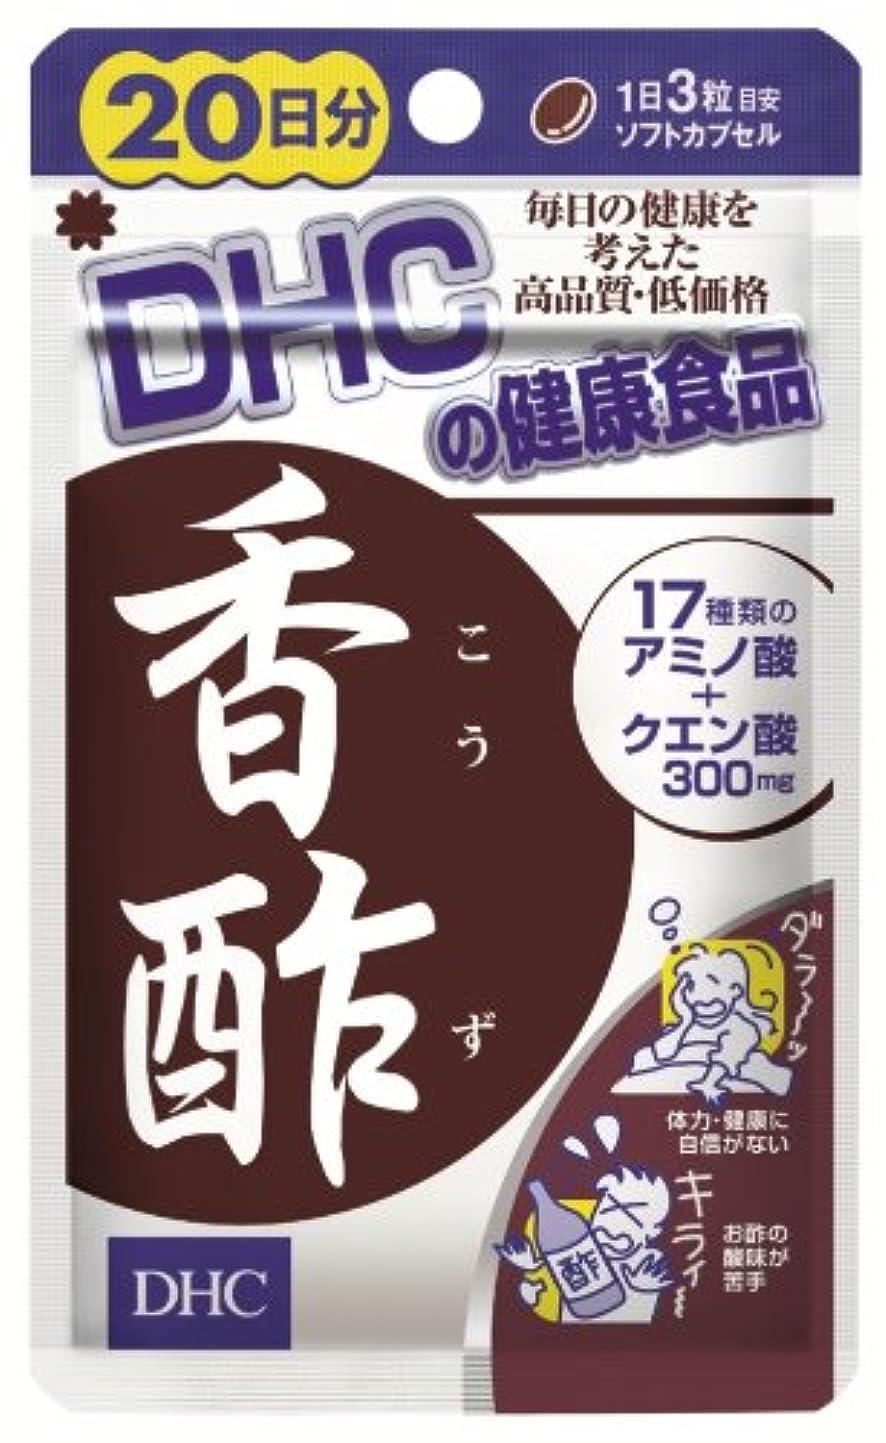 アルコール出費推測DHC 香酢 20日分 60粒